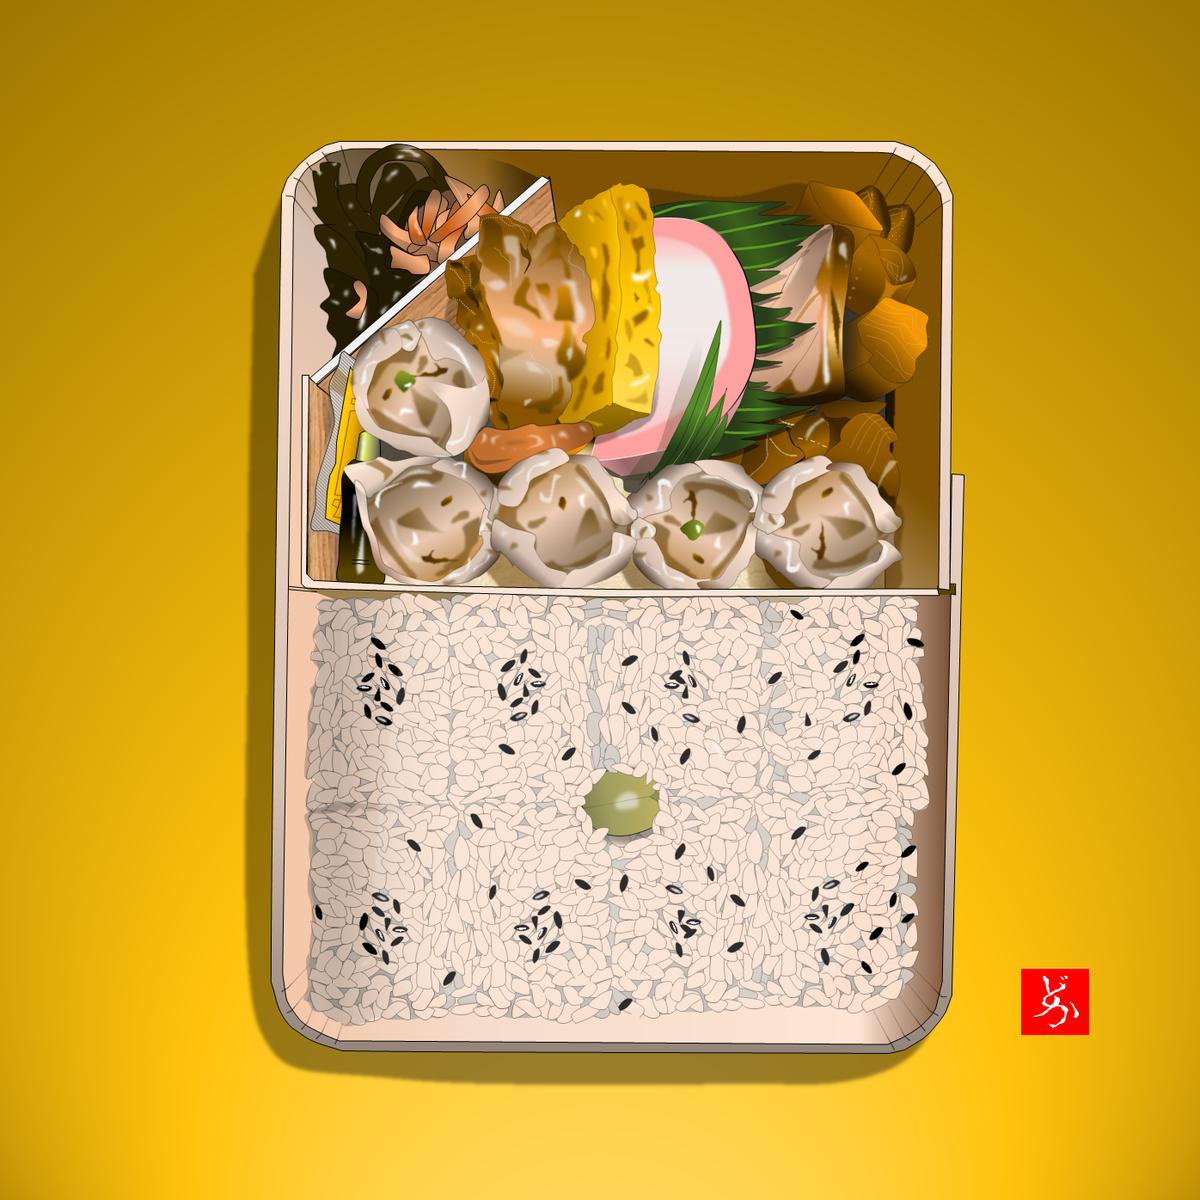 崎陽軒シウマイ弁当のエクセル画イラスト